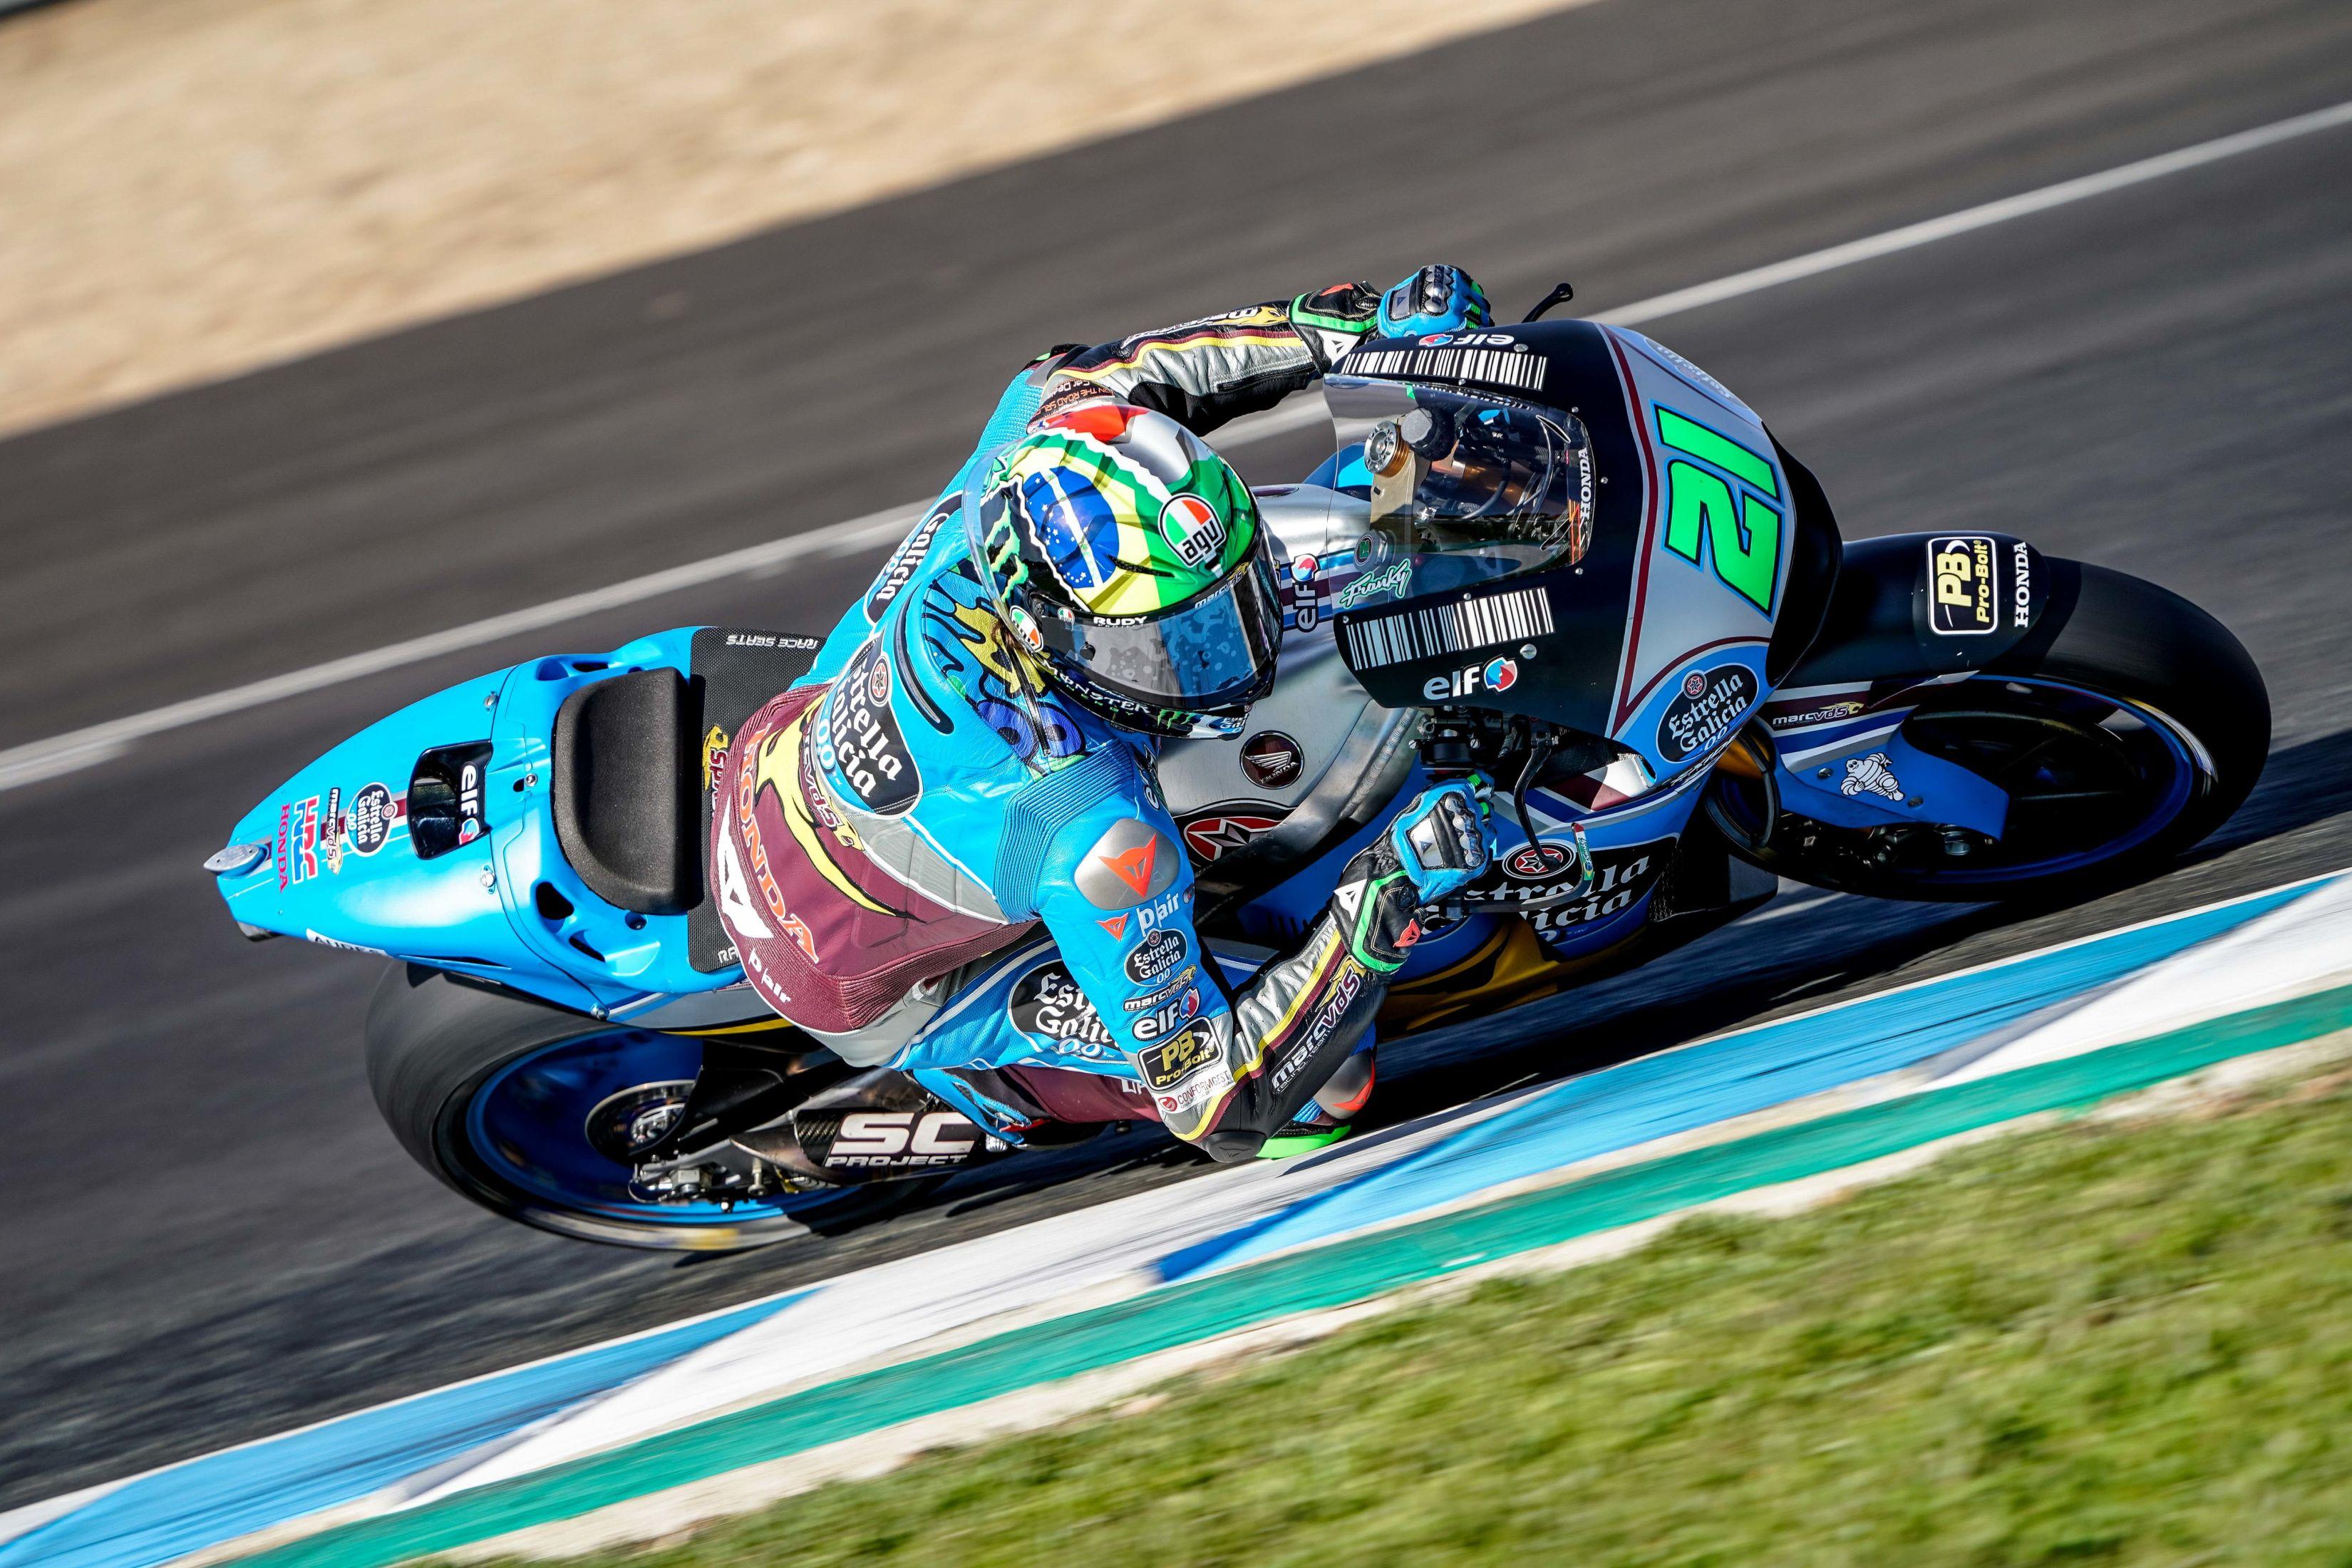 Morbidelli et Marquez en piste à Jerez ! | Actu-Moteurs.com